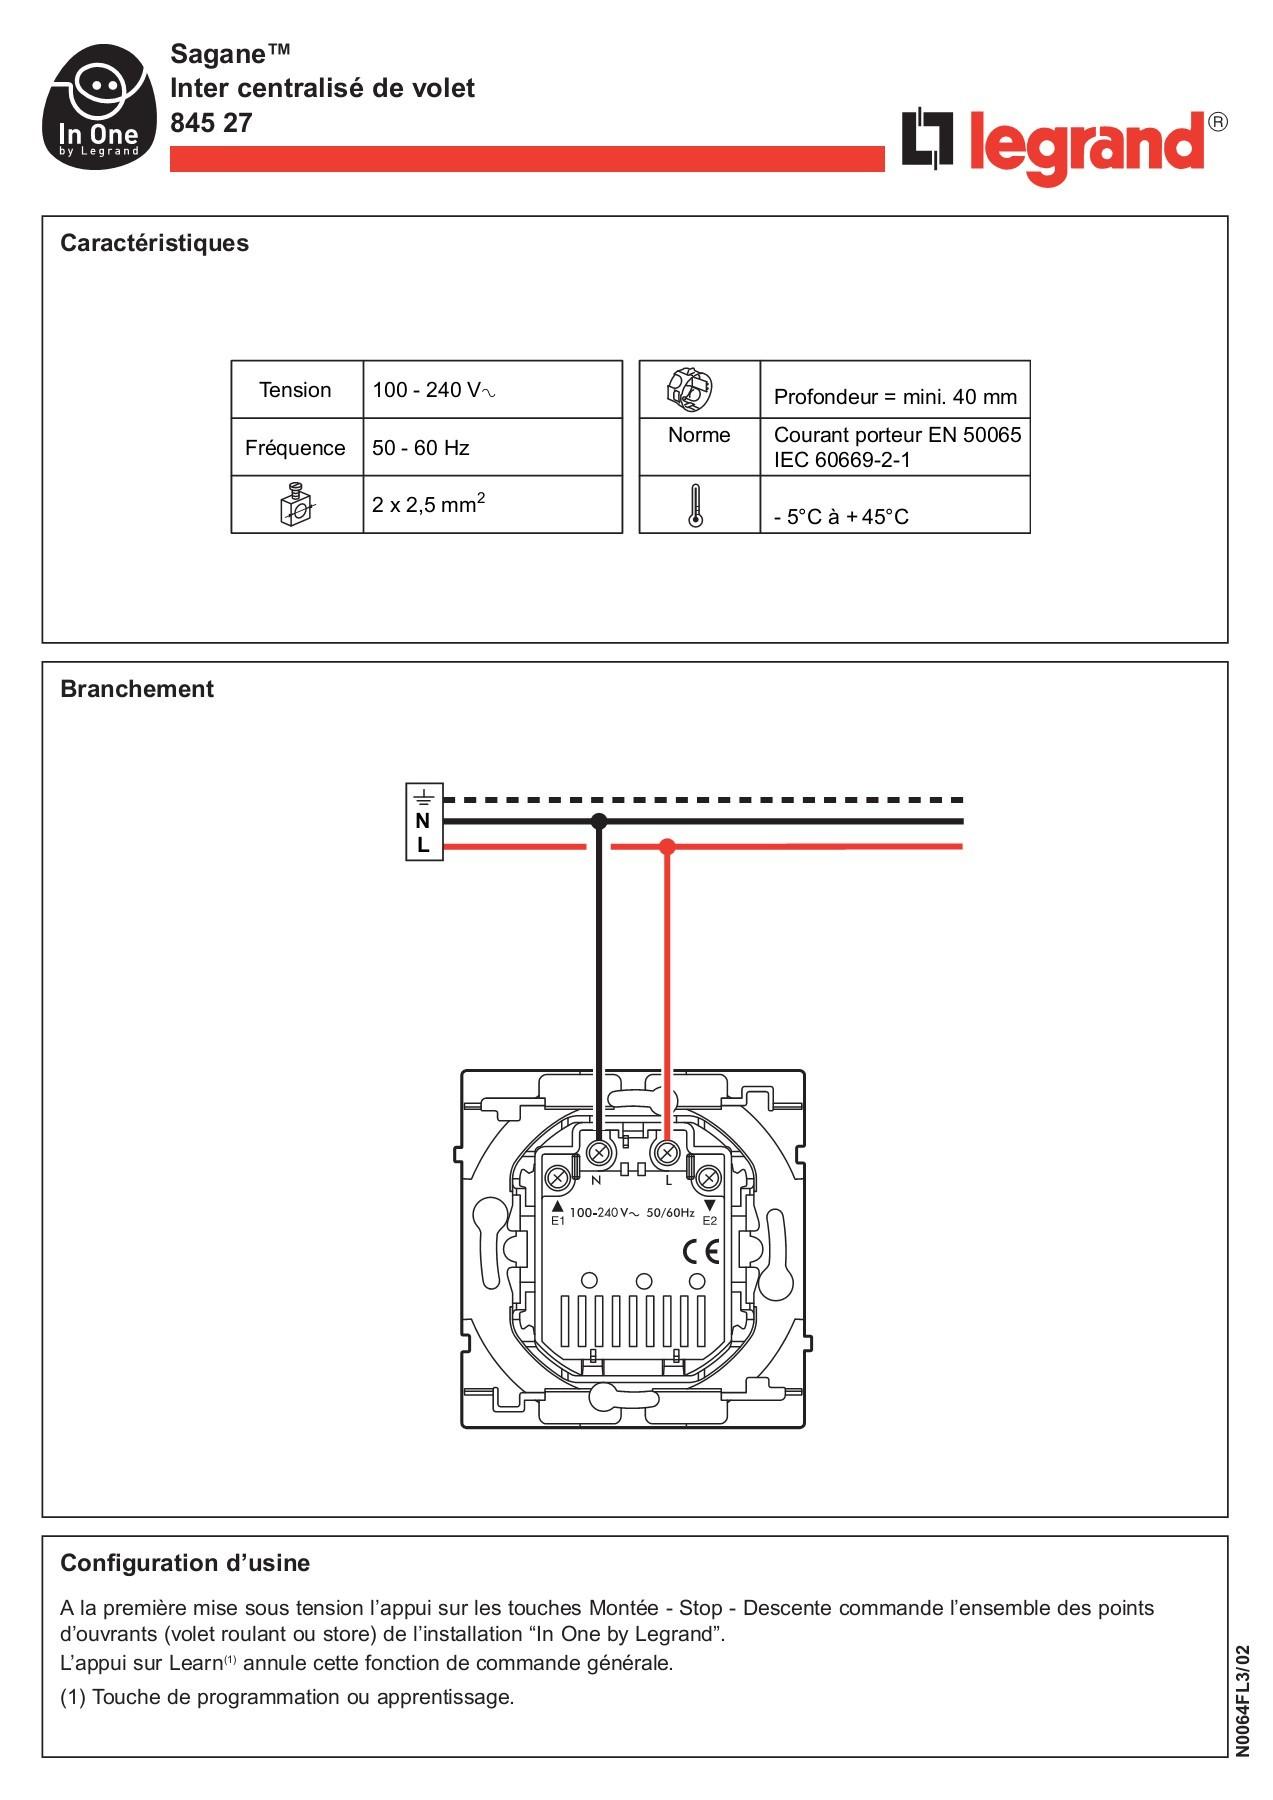 Sagane Inter Centralise De Volet 845 27 Pages 1 9 Flip Pdf Download Fliphtml5